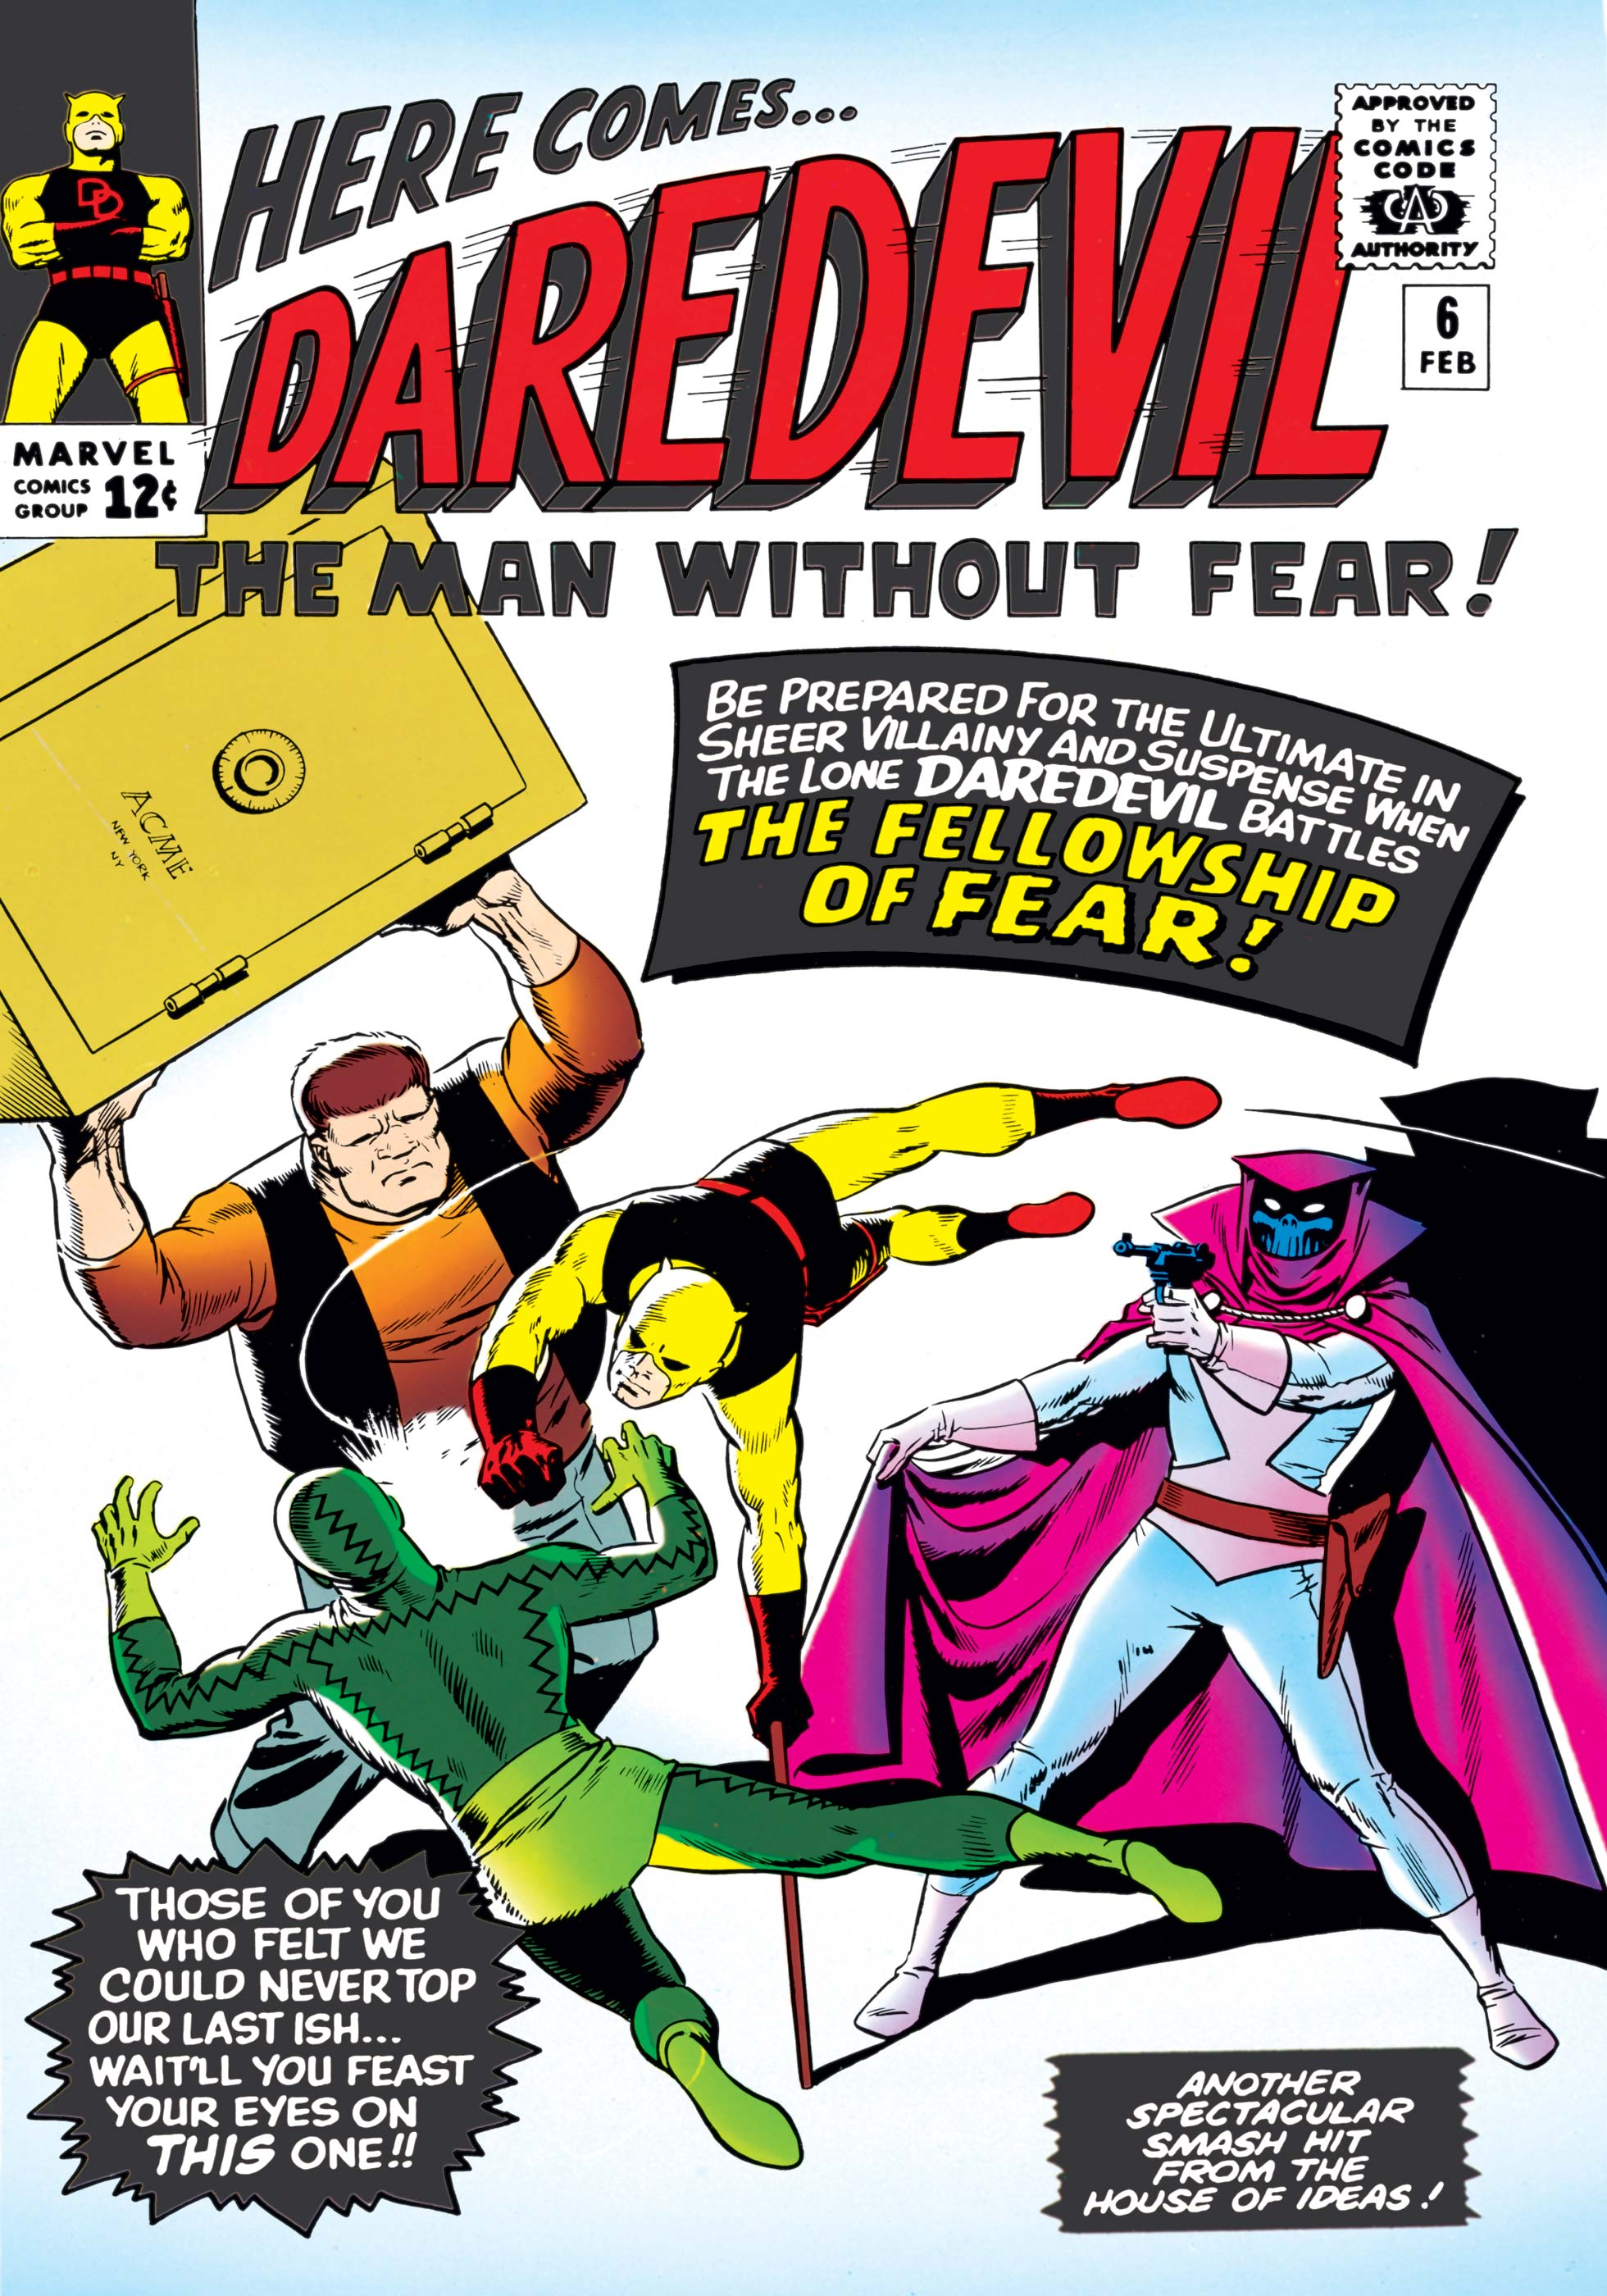 Daredevil (1964) #6